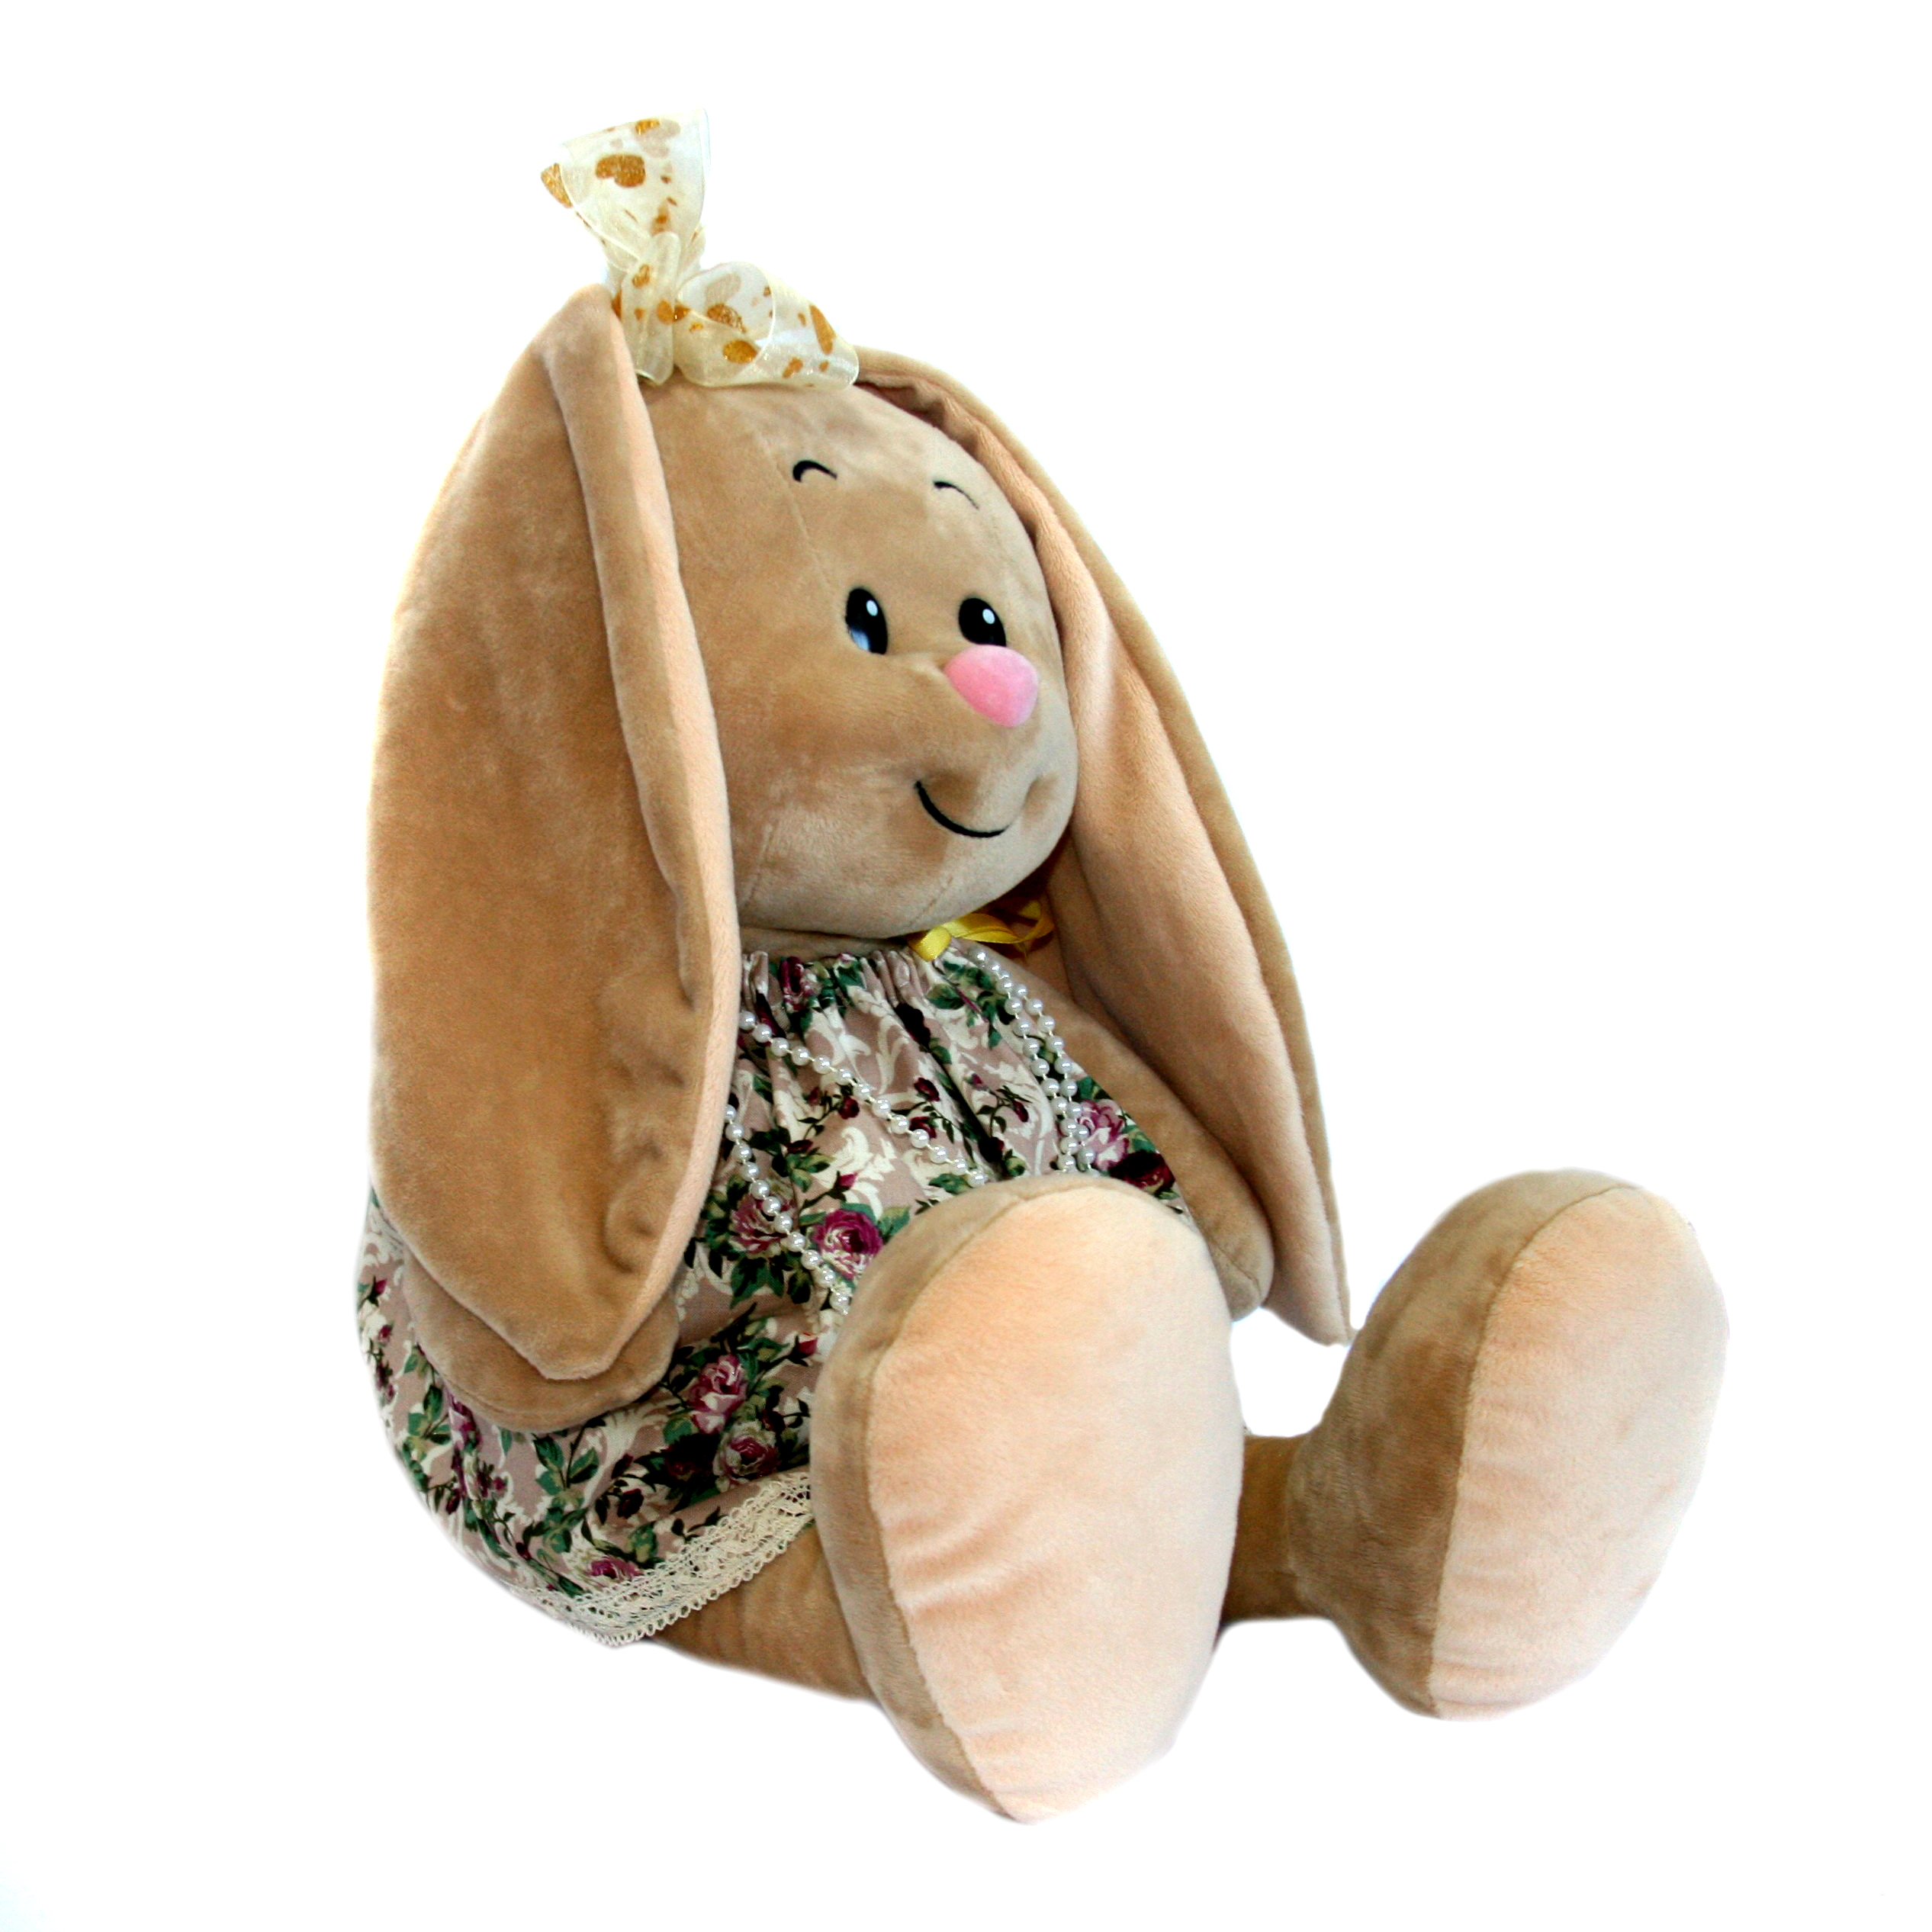 Мягкие игрушки СмолТойс «Зайка-милашка» 40 см мягкая игрушка смолтойс зайка даша 53 см